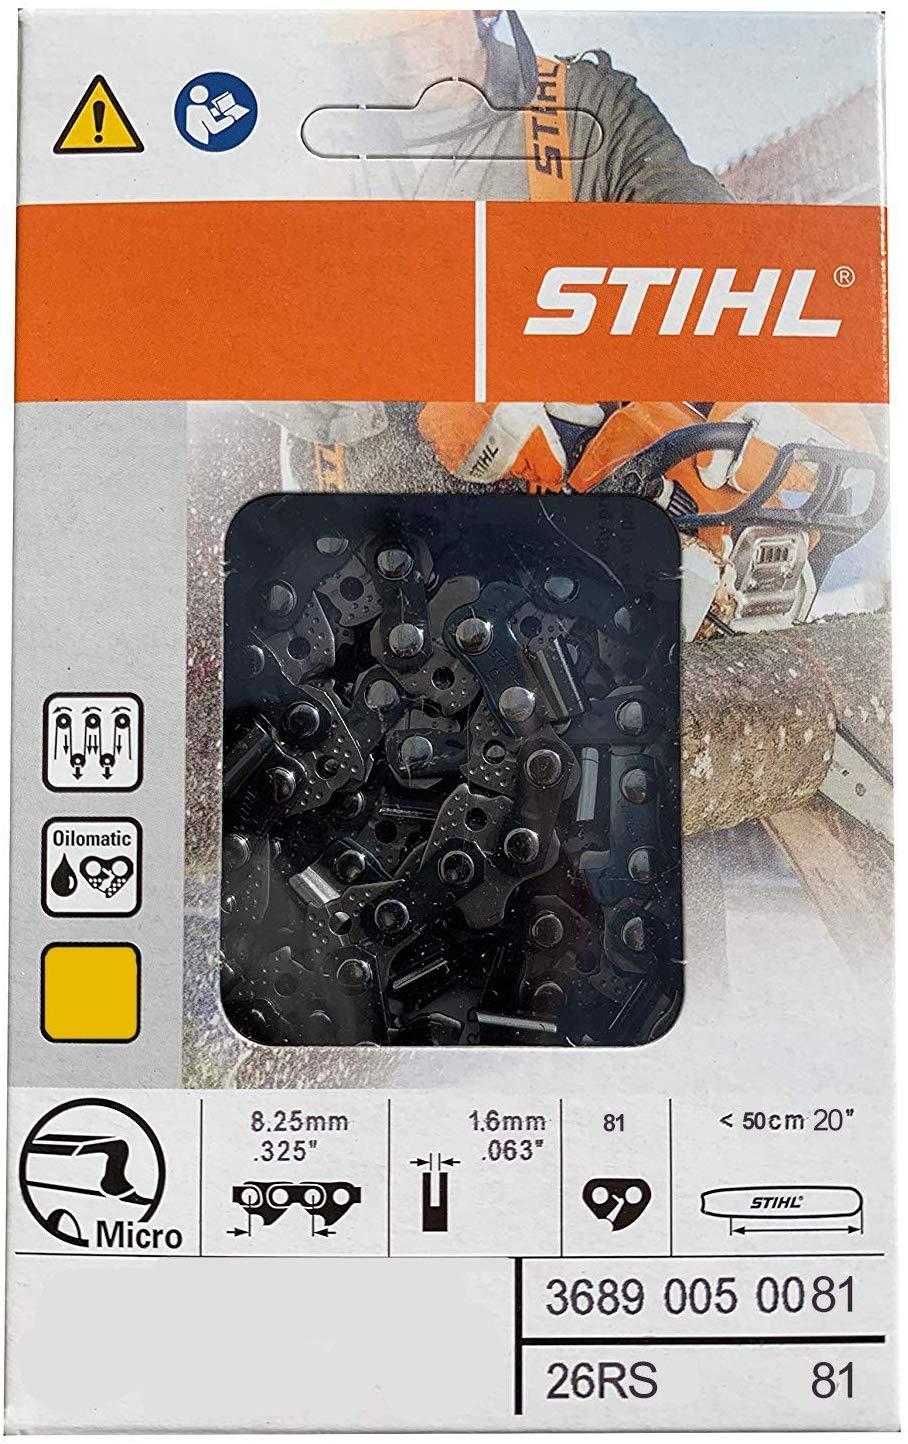 Stihl 26RS 81 Rapid Super Chainsaw Chain